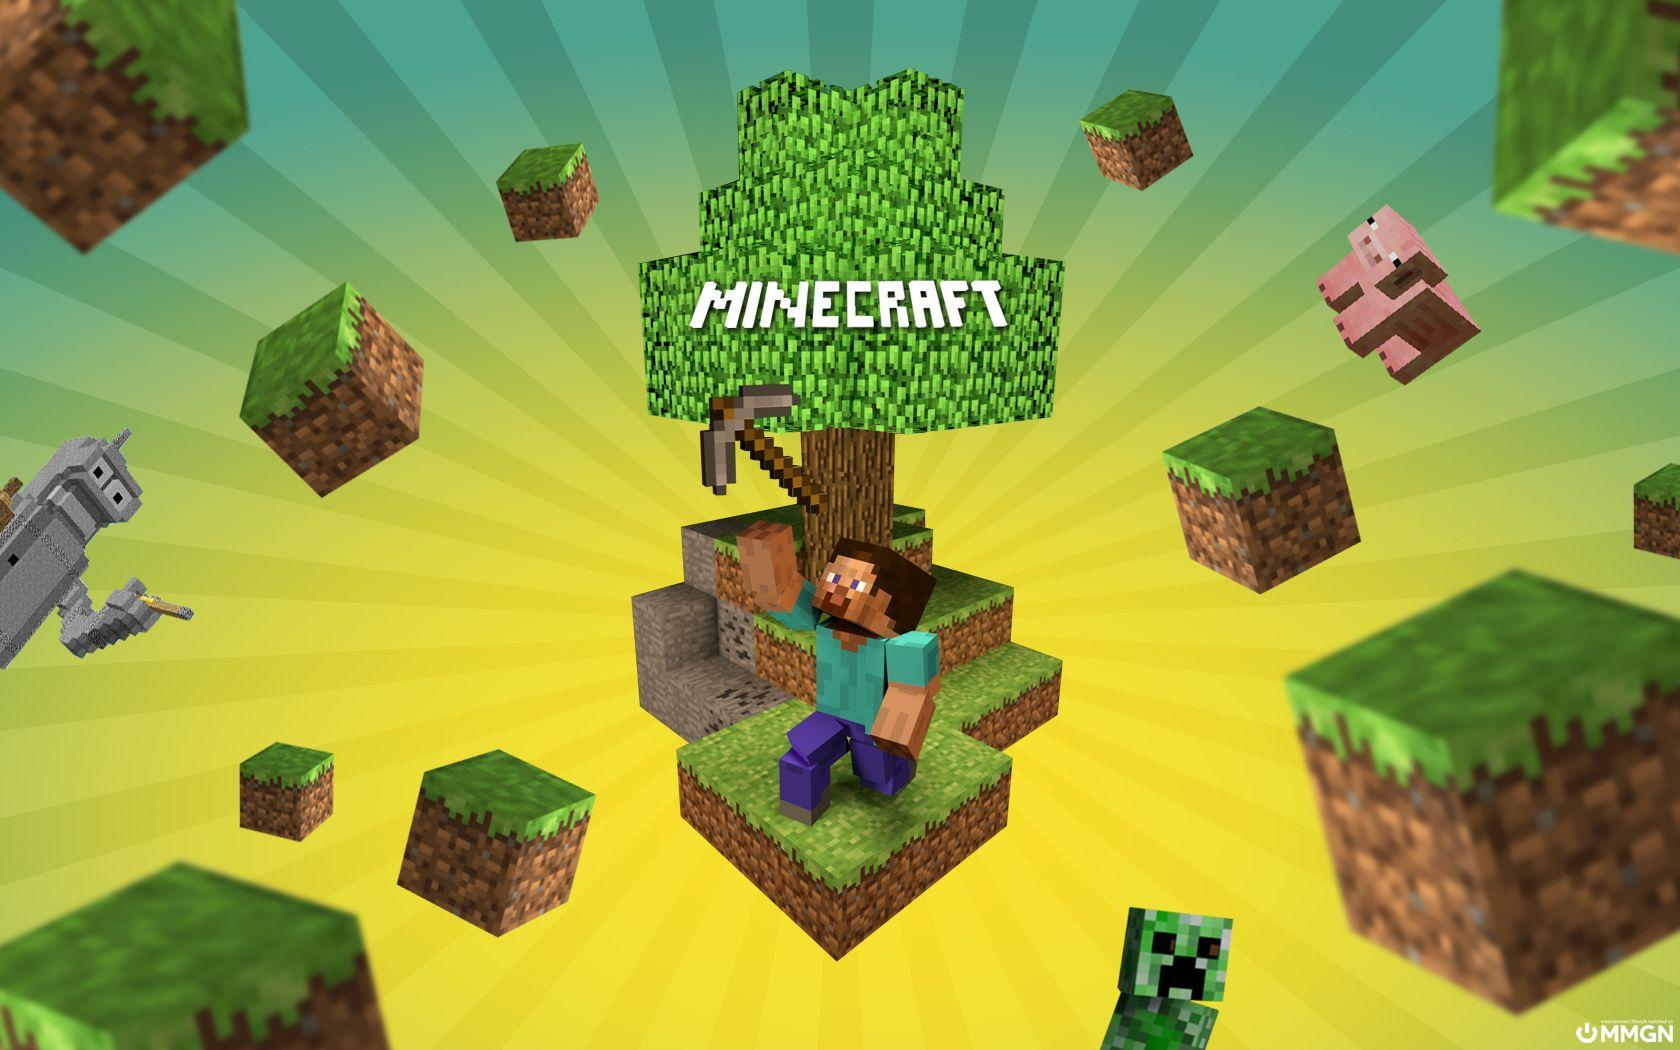 Fantastic Wallpaper Minecraft Google - 0132c921913c8a95cf82c3d6d9c31732  Photograph_573977.jpg